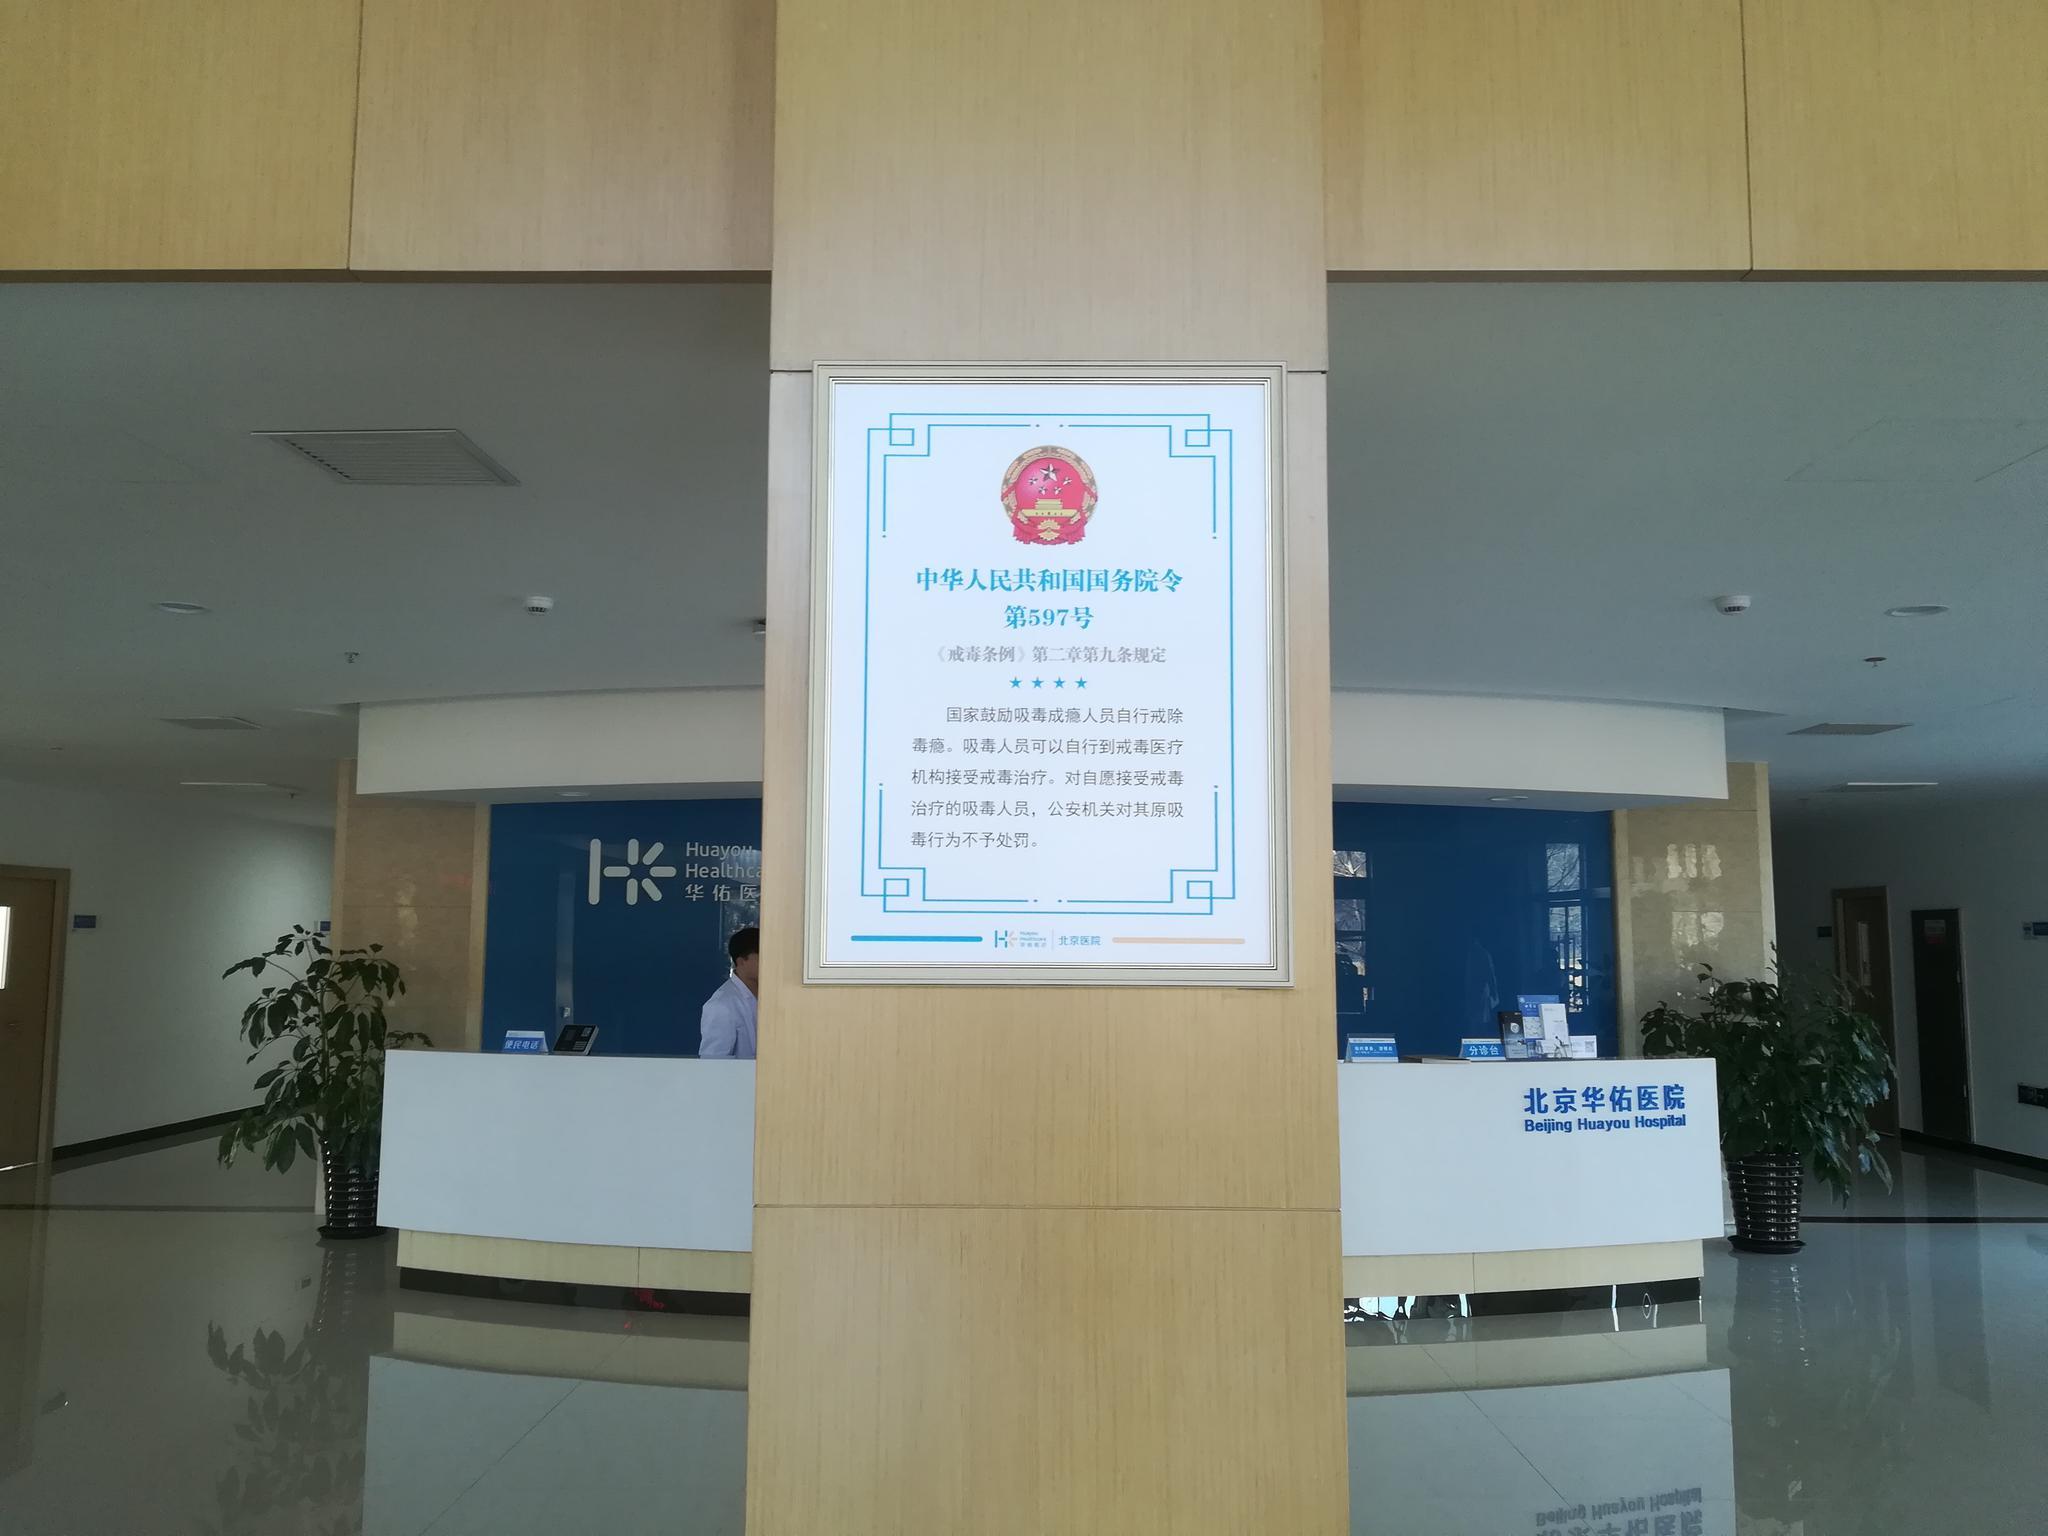 """1月23日,北京华佑医院的门诊大厅里张贴着国务院规定:""""对自愿接受治疗的吸毒人员,公安机关对其原吸毒行为不予处罚。""""实习生 齐鑫 摄"""